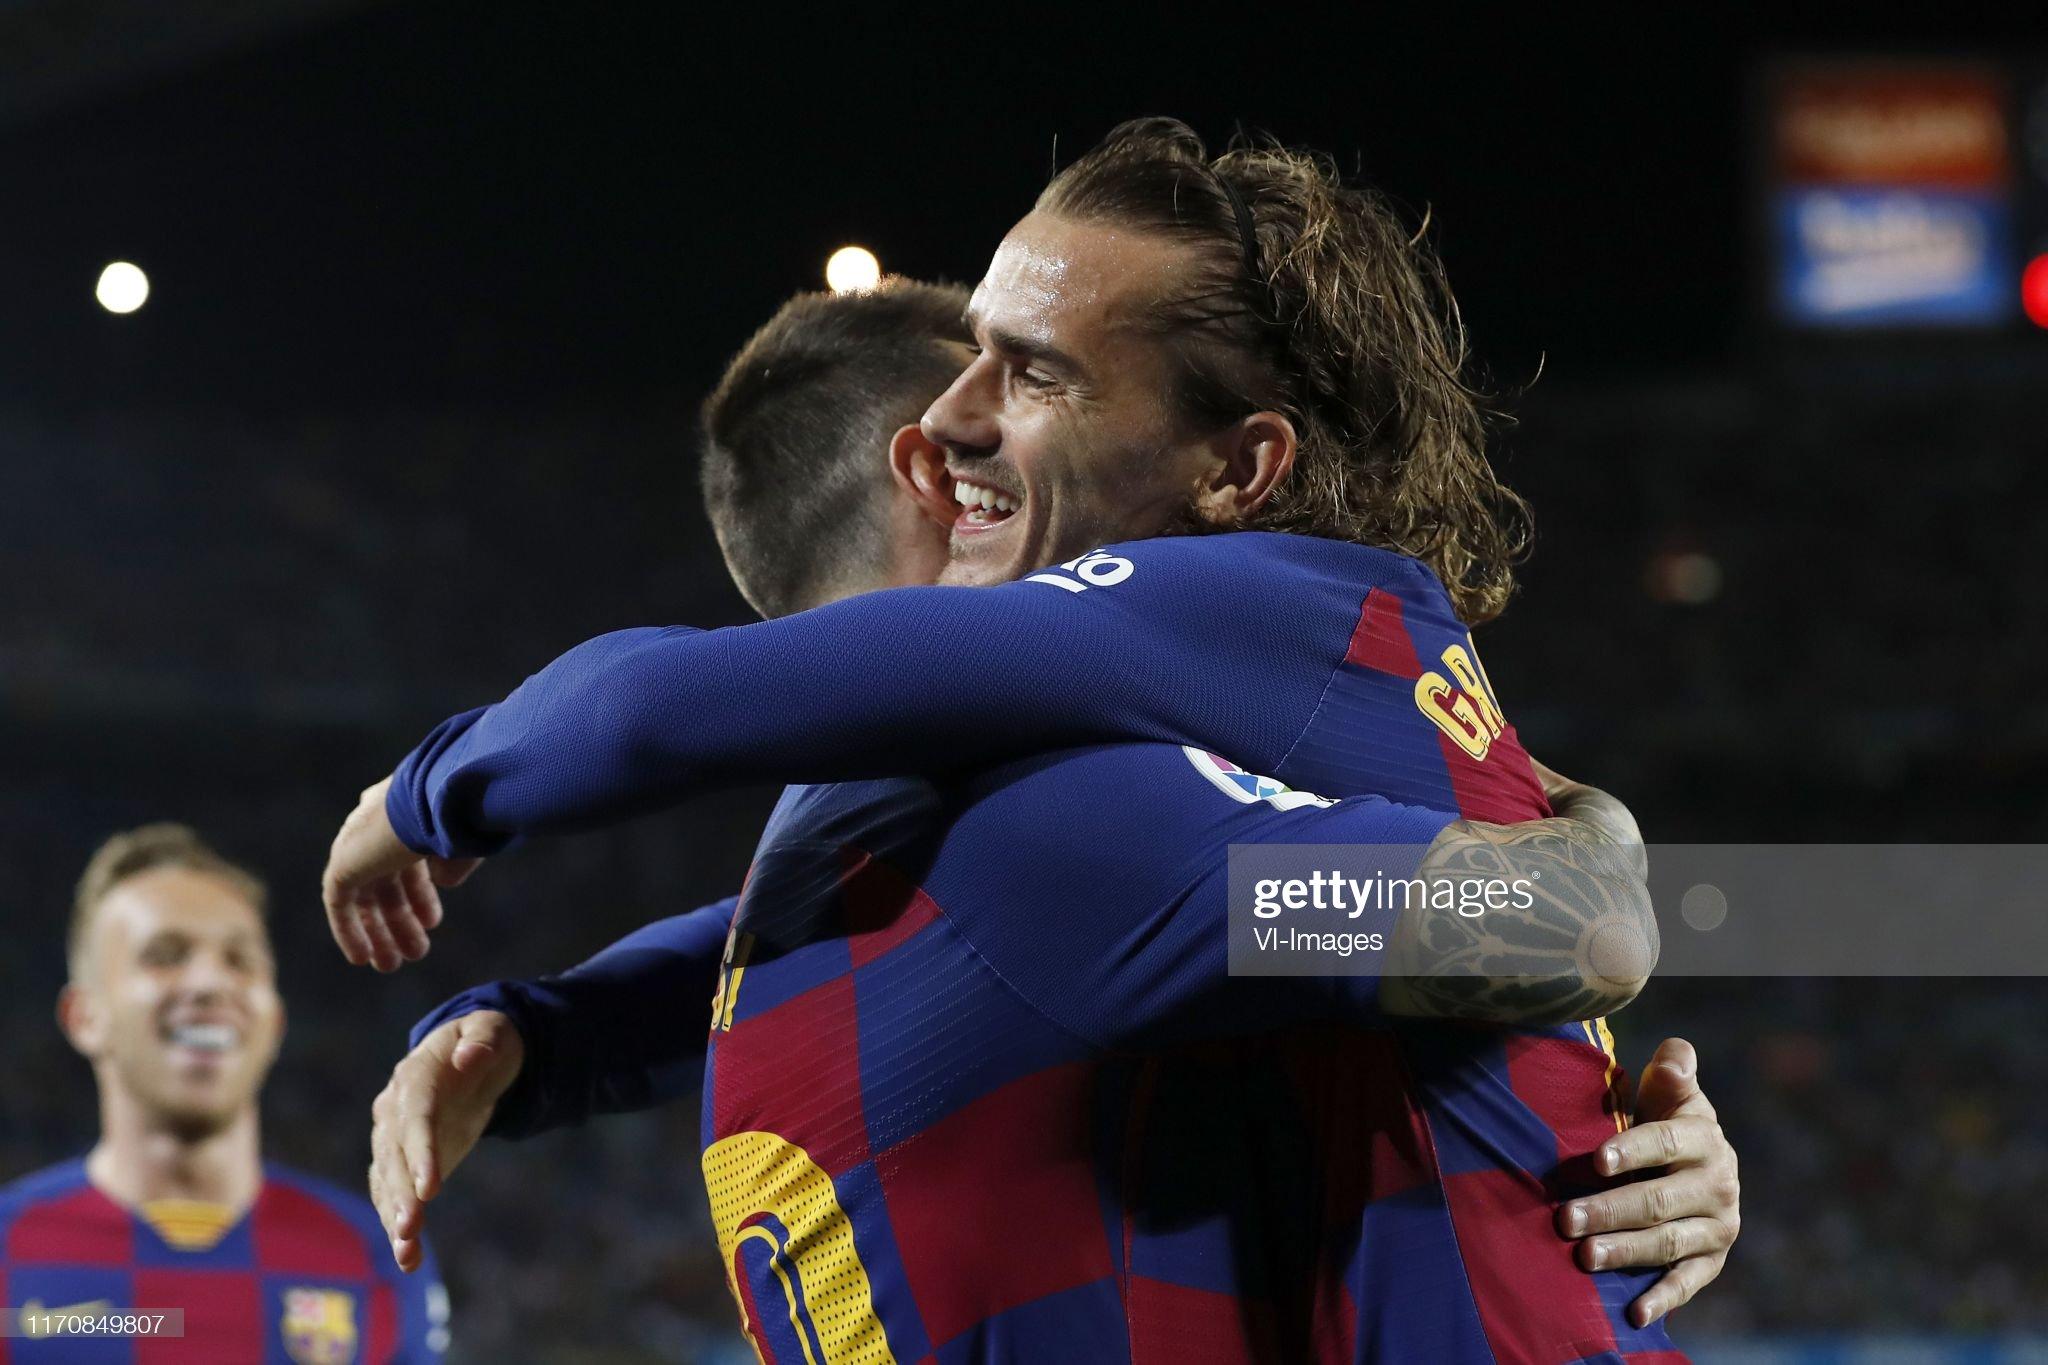 صور مباراة : برشلونة - فياريال 2-1 ( 24-09-2019 )  Arthur-henrique-ramos-de-oliveira-melo-of-fc-barcelona-lionel-messi-picture-id1170849807?s=2048x2048